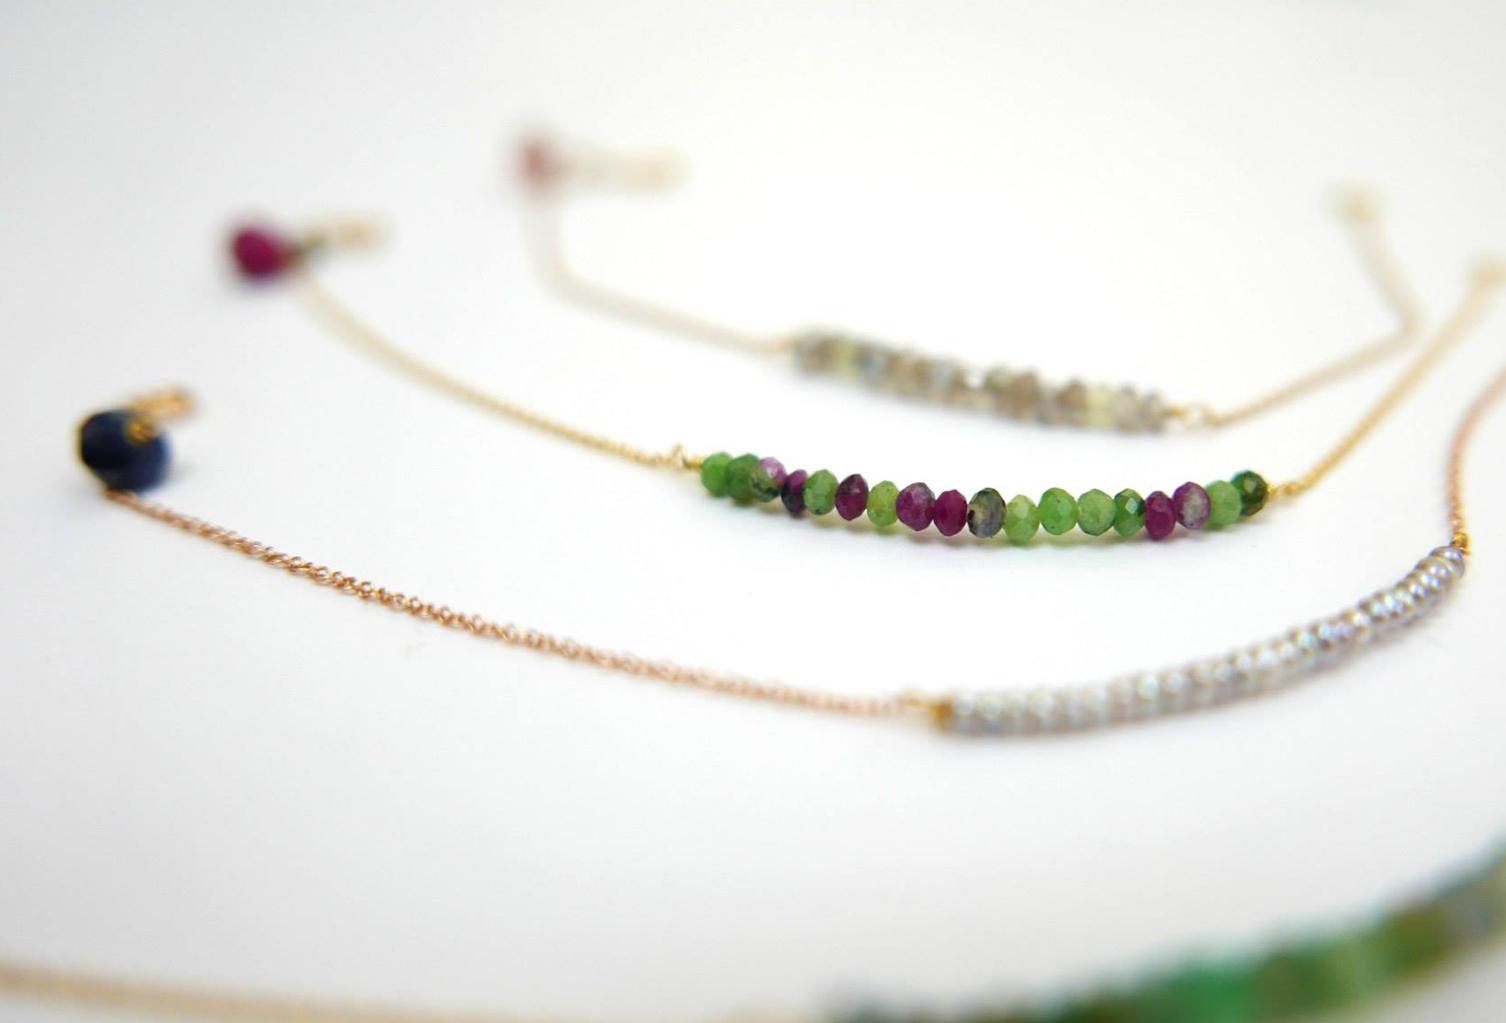 braccialetti-fiammifero-in-oro-smeraldi-microperle-zoisite-e-labradorite-chiara-parra-gioielli